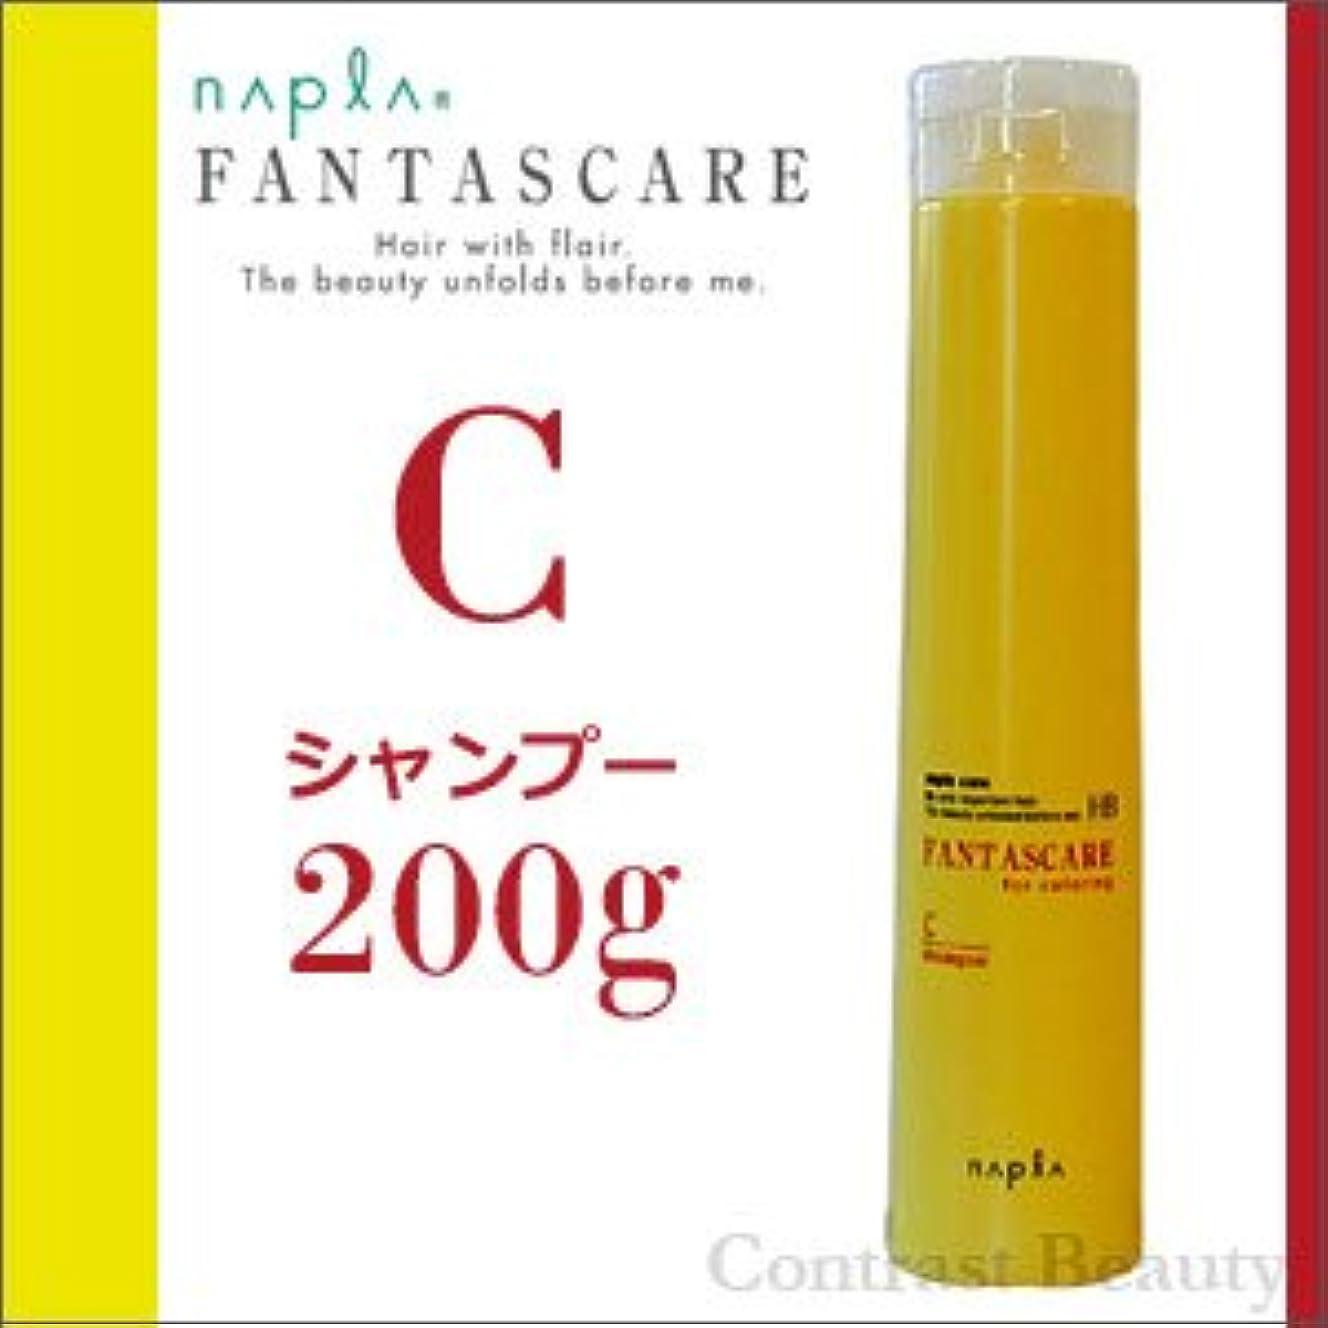 コマンドネクタイおいしい【X4個セット】 ナプラ ファンタスケア Cシャンプー 200g napla